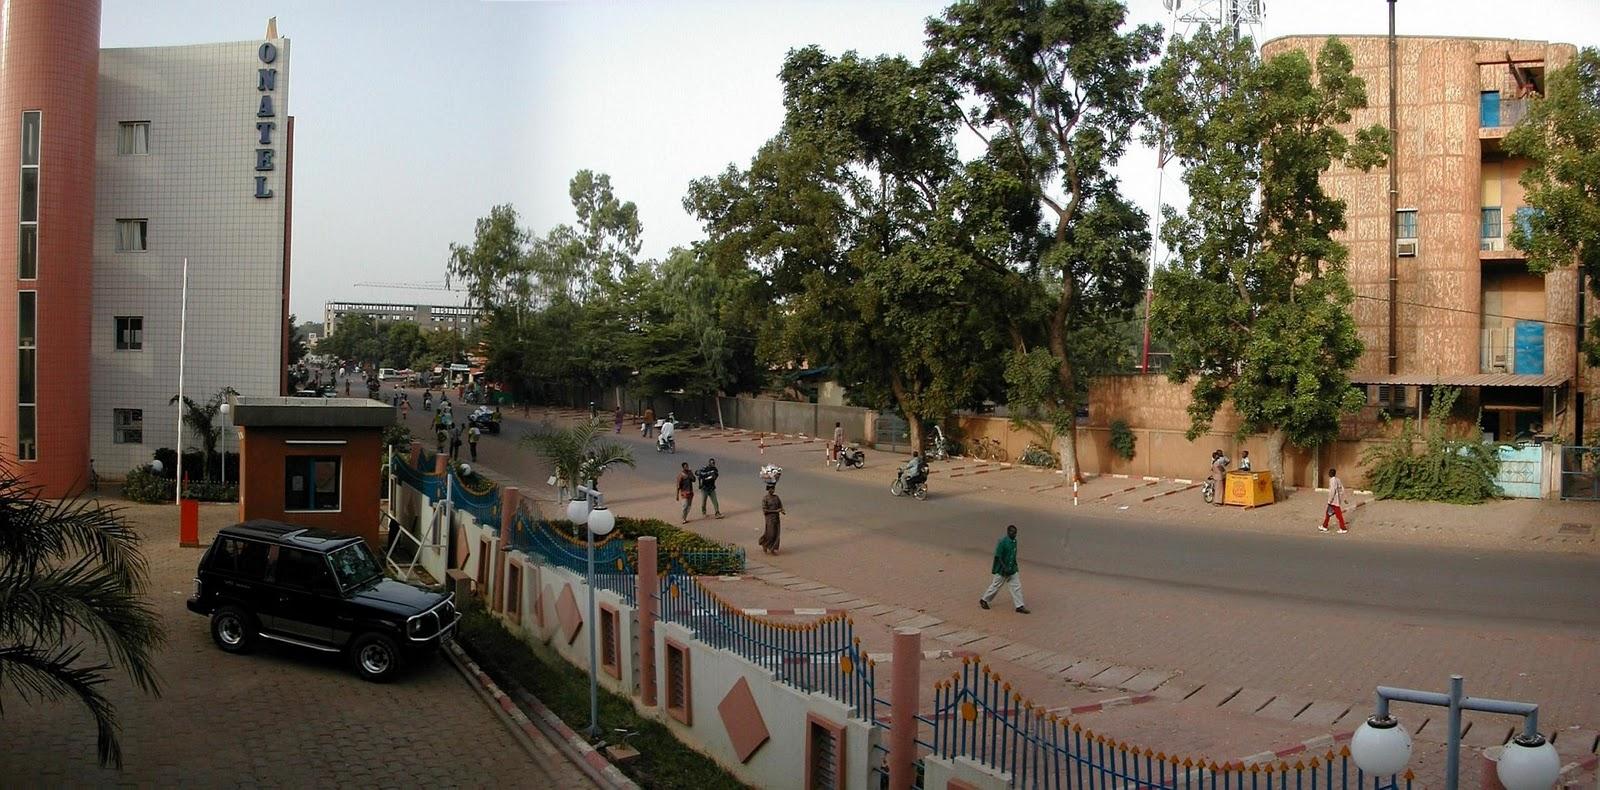 http://2.bp.blogspot.com/_e45GK4i1E8M/TQ9bjZIEYRI/AAAAAAAABnE/e4NvHZTY6Wc/s1600/Burkina_Faso-Ouagadougou-wsffortin.jpg